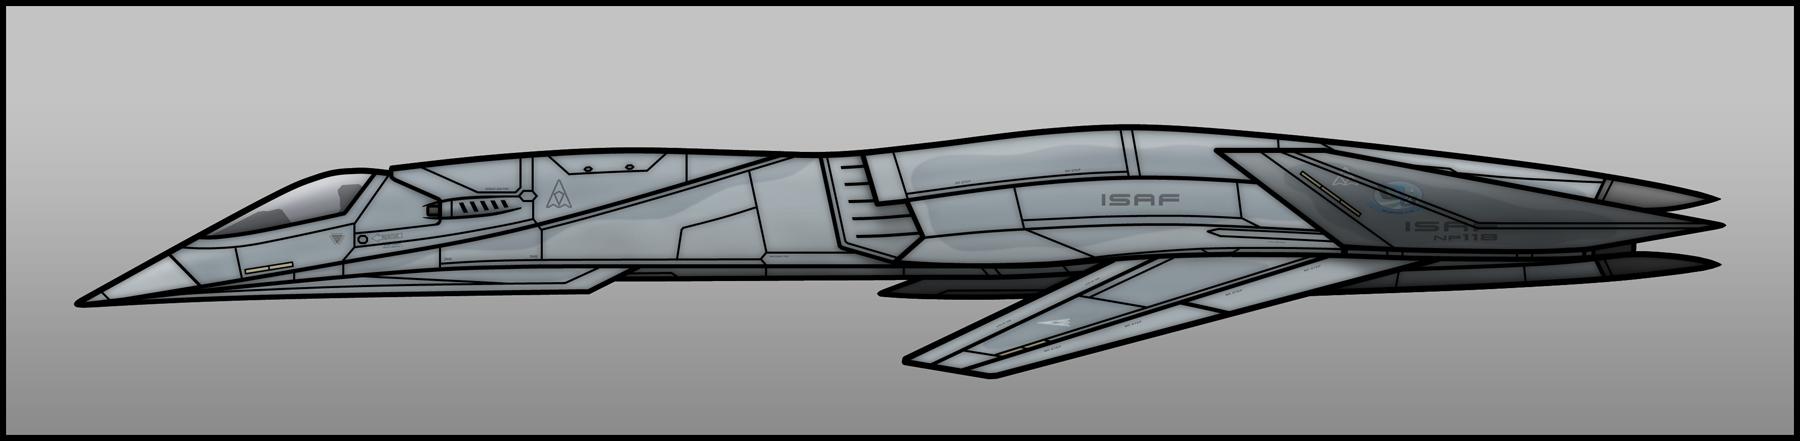 Mobius Talon by Jetfreak-7